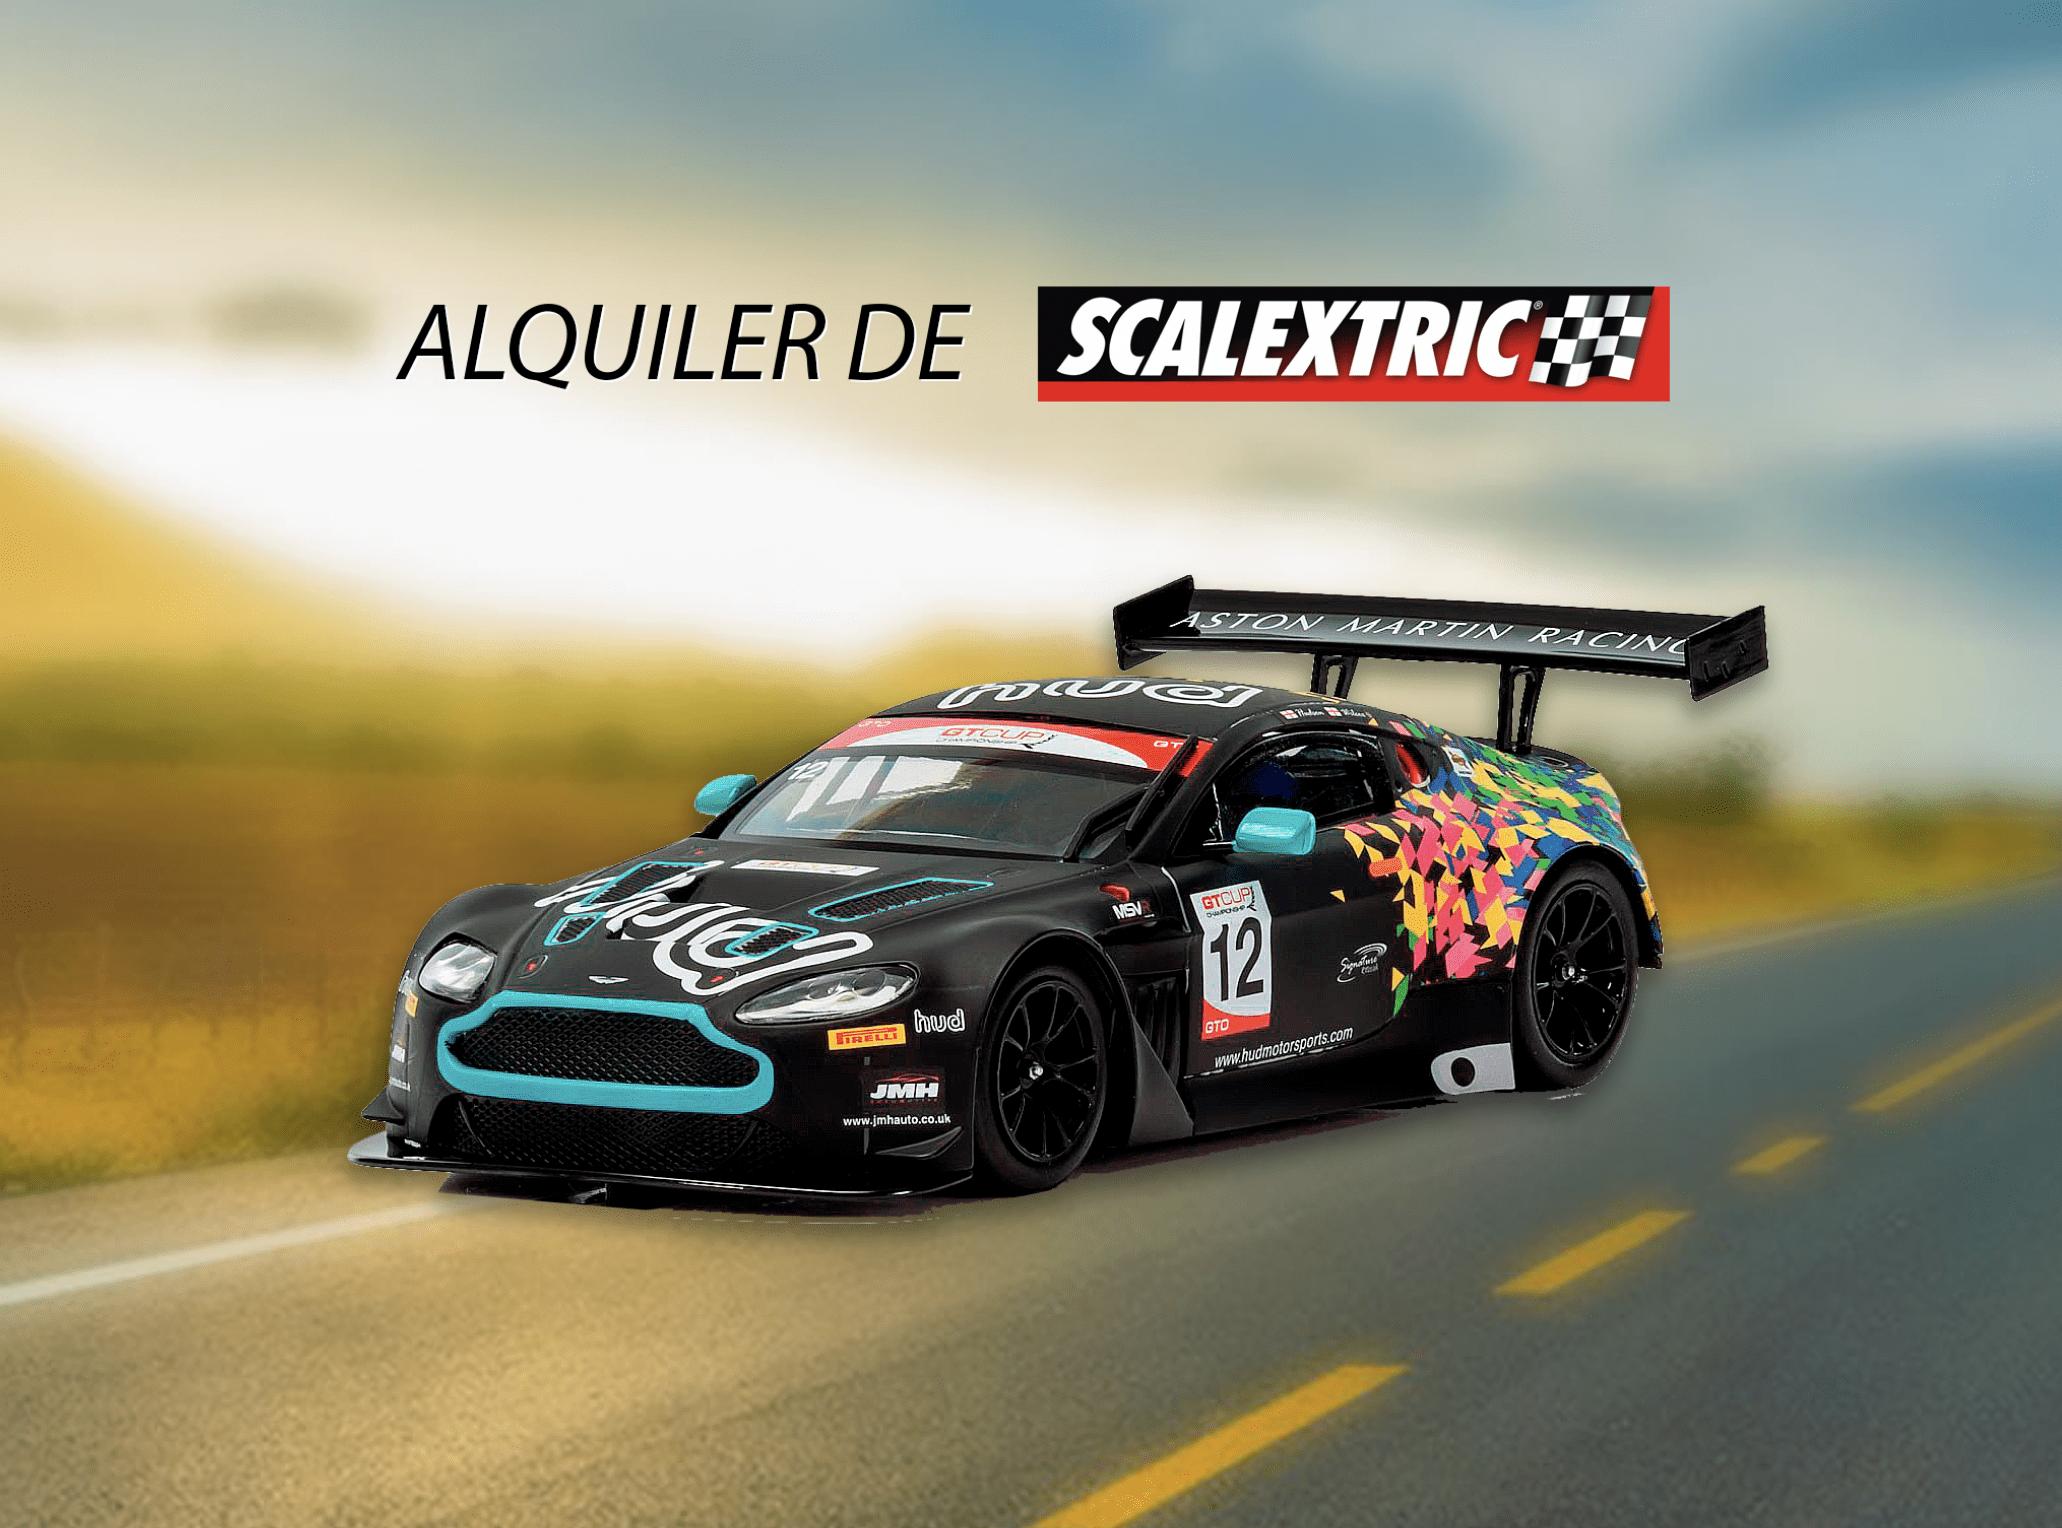 Speedslot - Alquiler de Scalextric